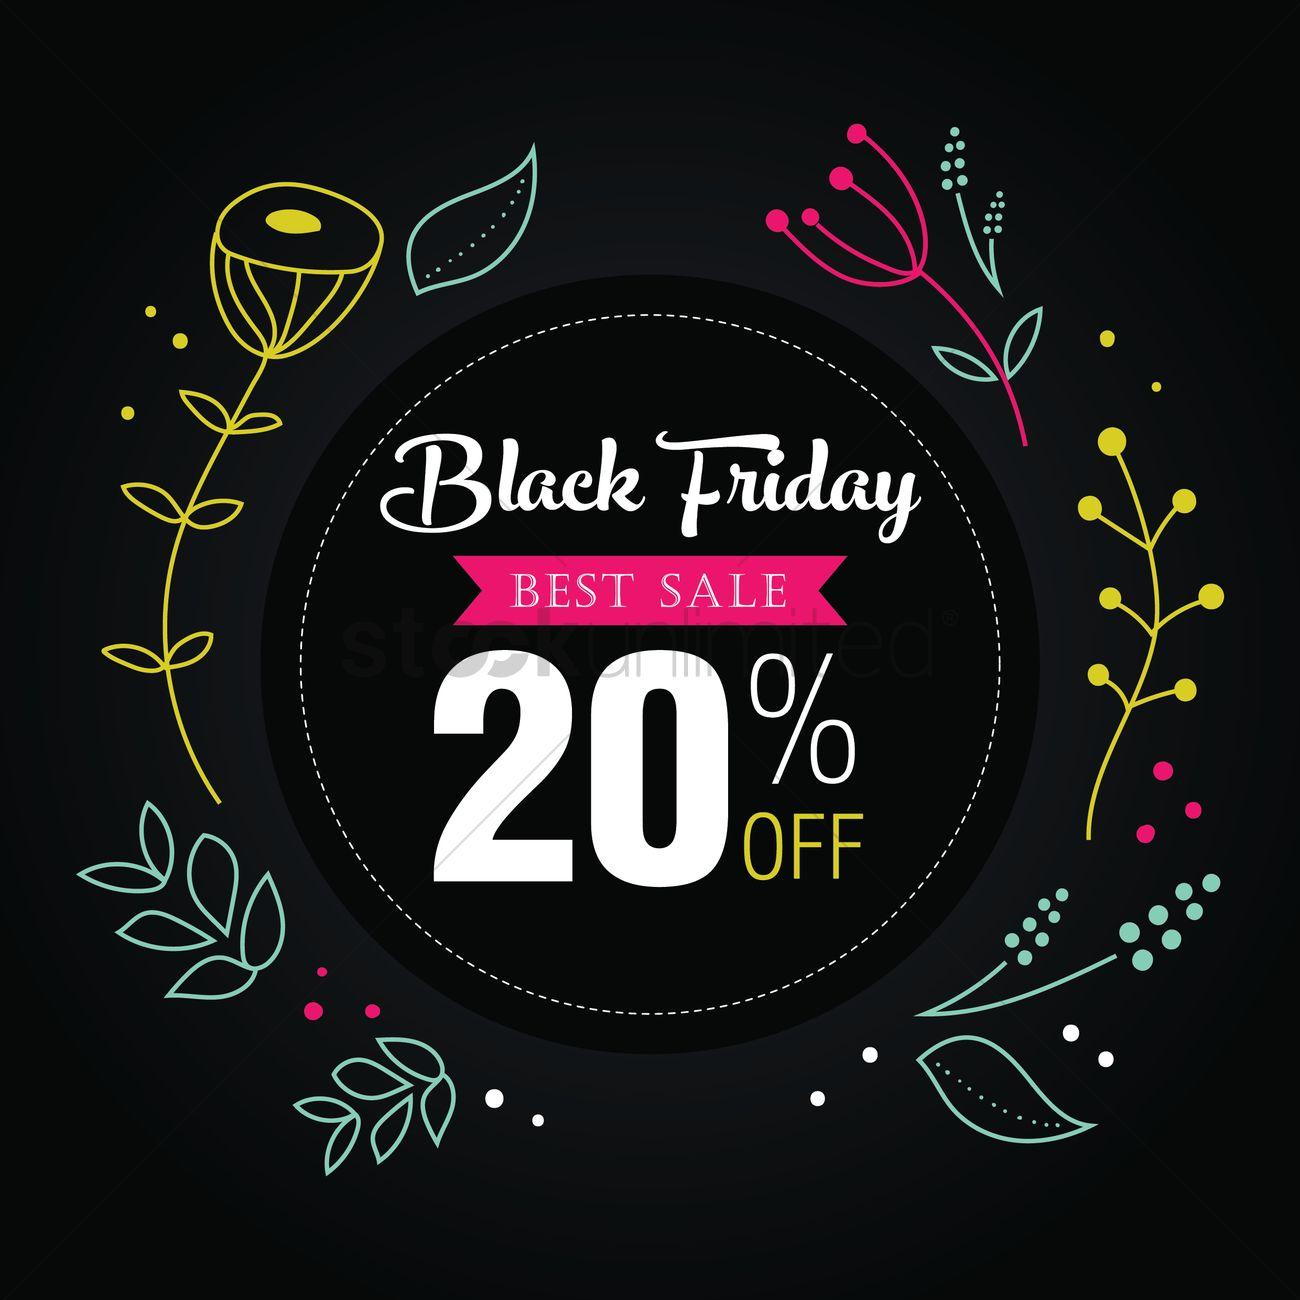 black friday sale wallpaper vector image 1583250 stockunlimited. Black Bedroom Furniture Sets. Home Design Ideas